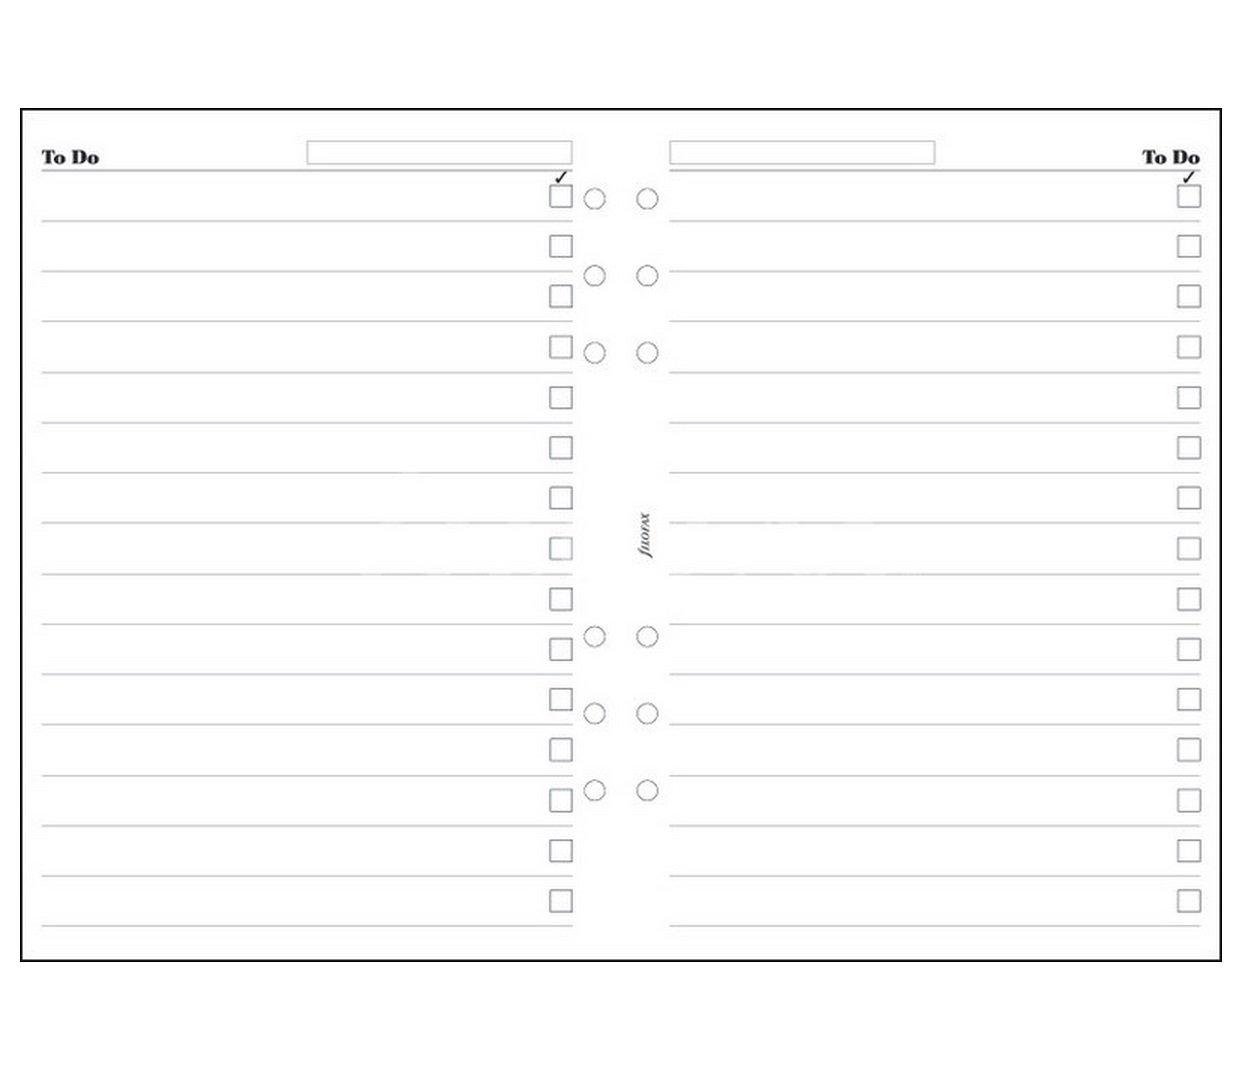 Filofax Einlagen fü r Terminplaner, A5, To Do List Refill Essentials 342211 Einsatz, Zubehö r